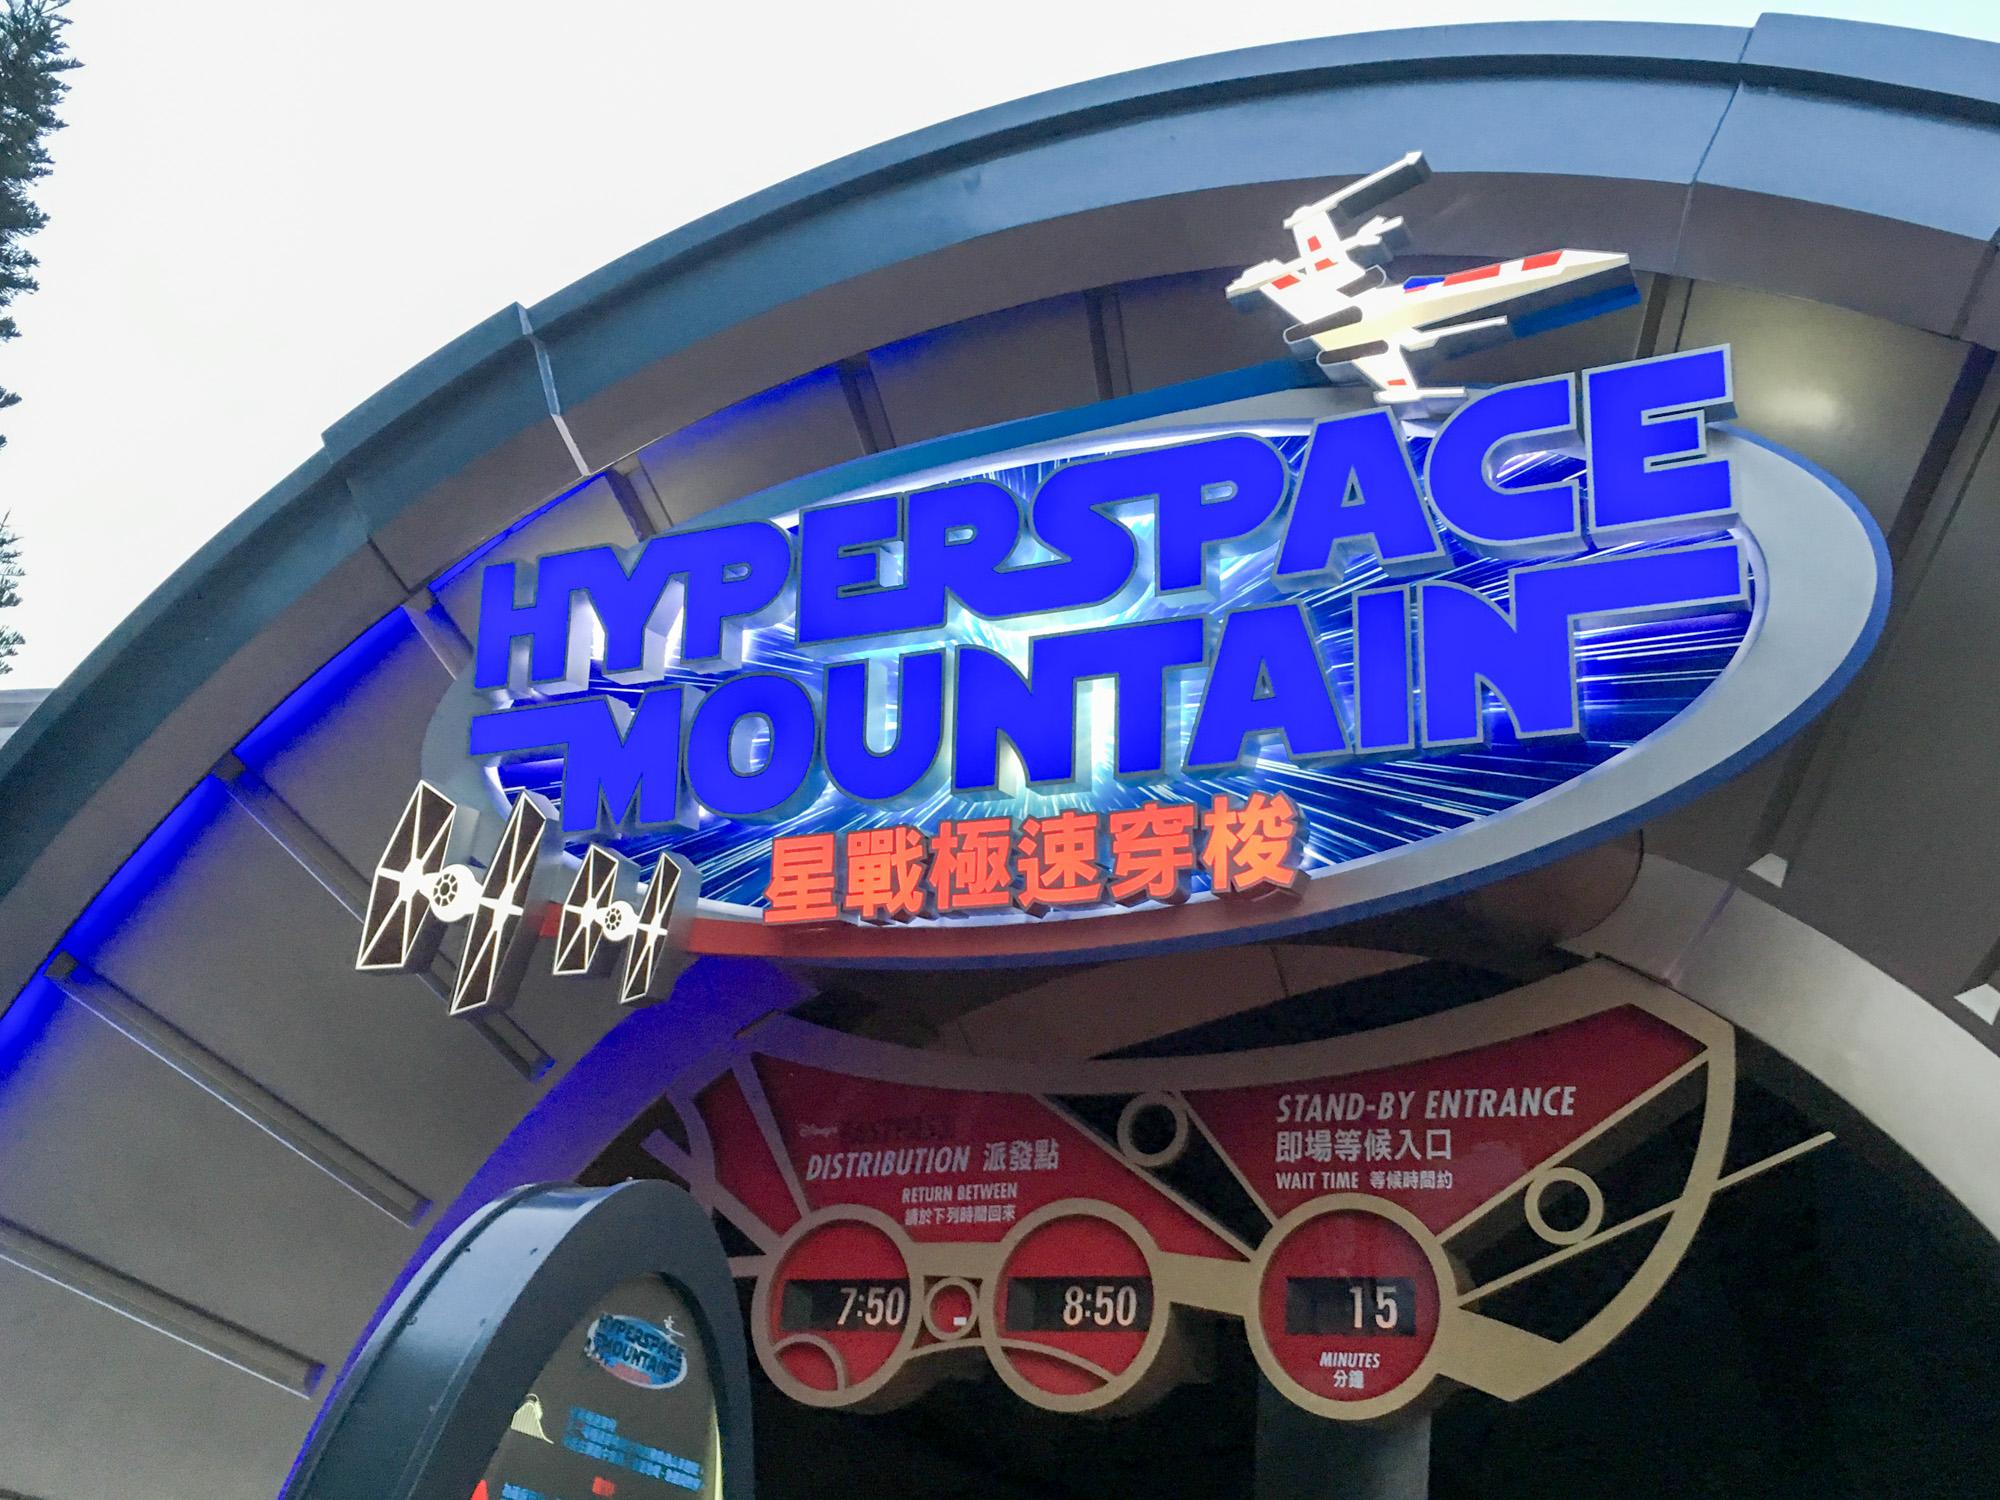 ハイパースペースマウンテン!